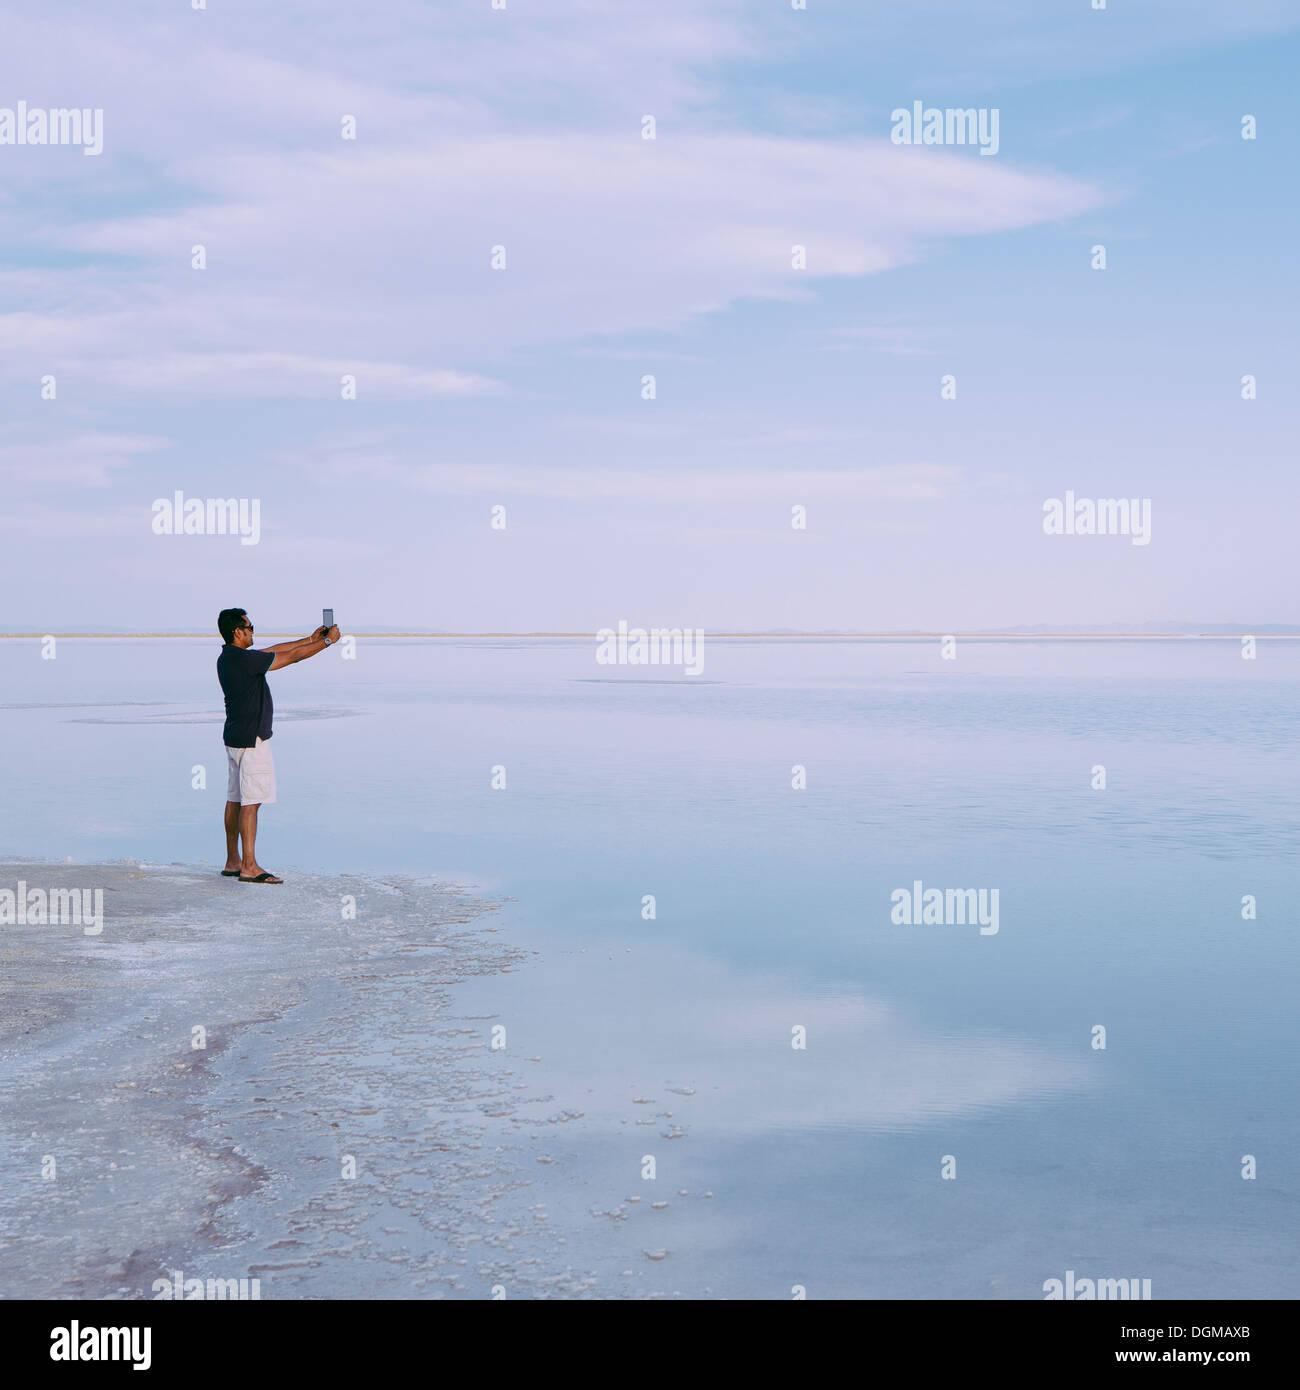 Un uomo in piedi sul bordo dell'allagato Bonneville Saline al tramonto, scattare una fotografia con un dispositivo tablet, vicino Wendover. Immagini Stock